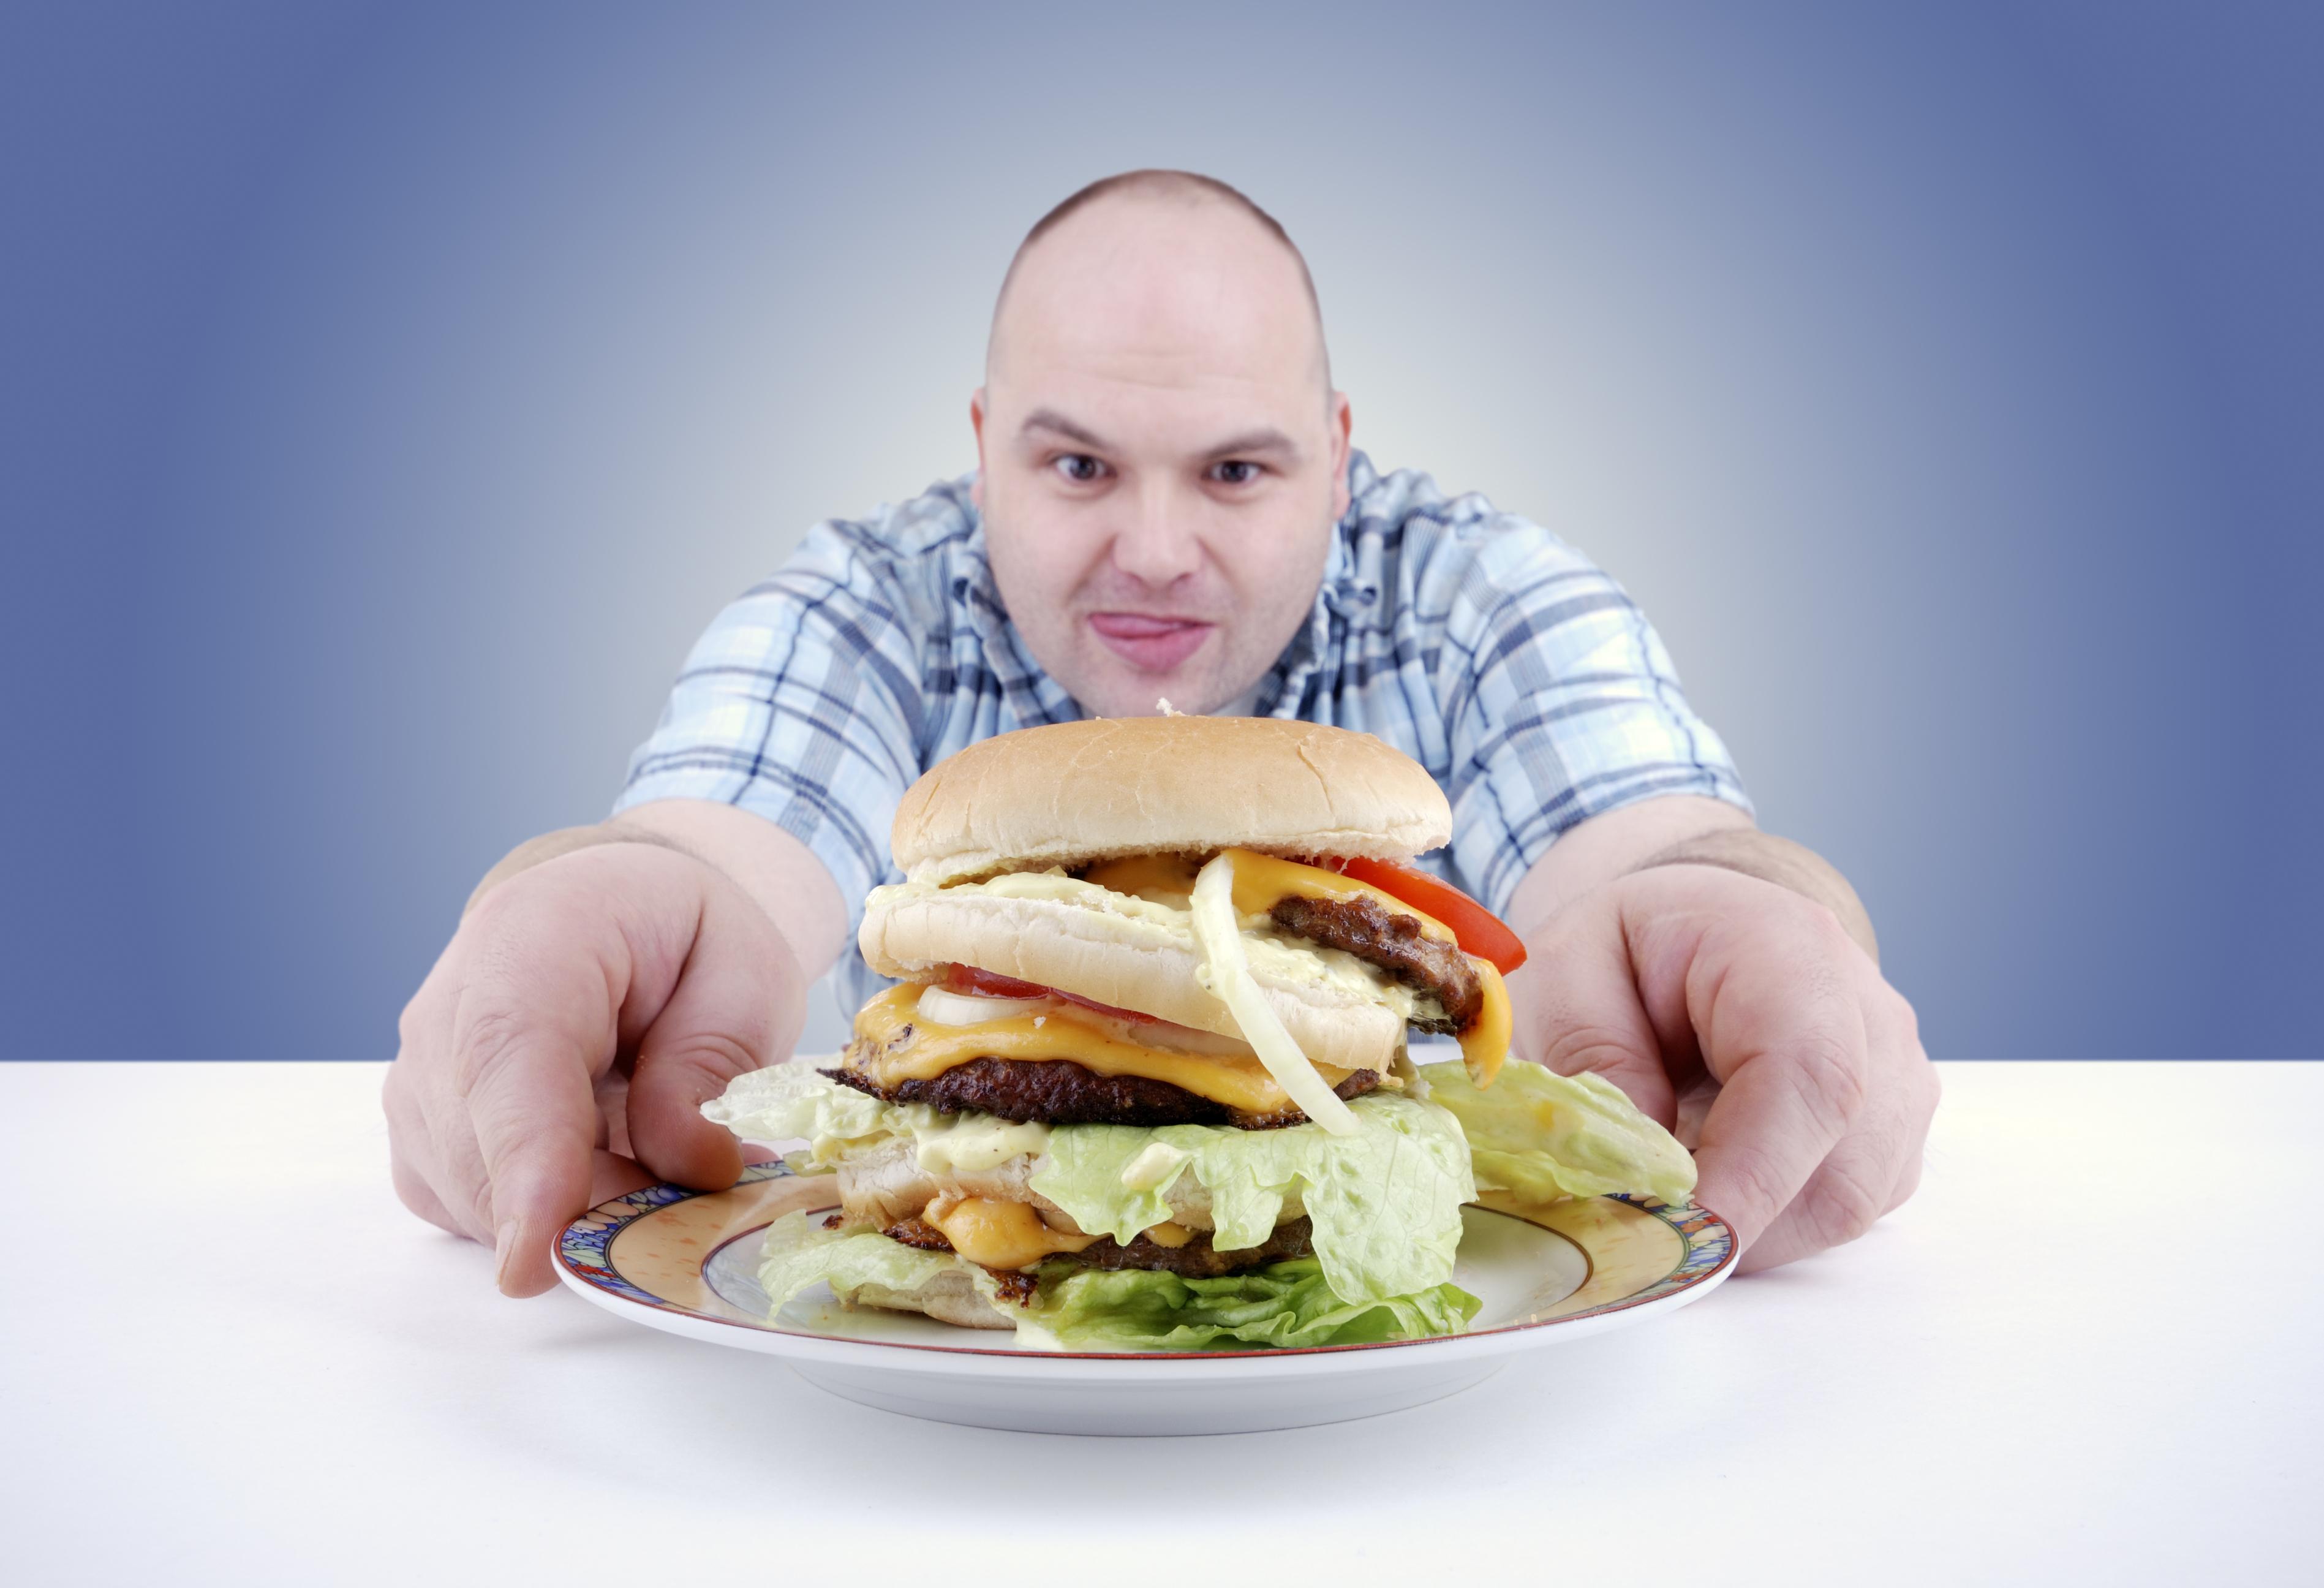 Холестерин в крови у мужчин: норма по возрасту и причины отклонения